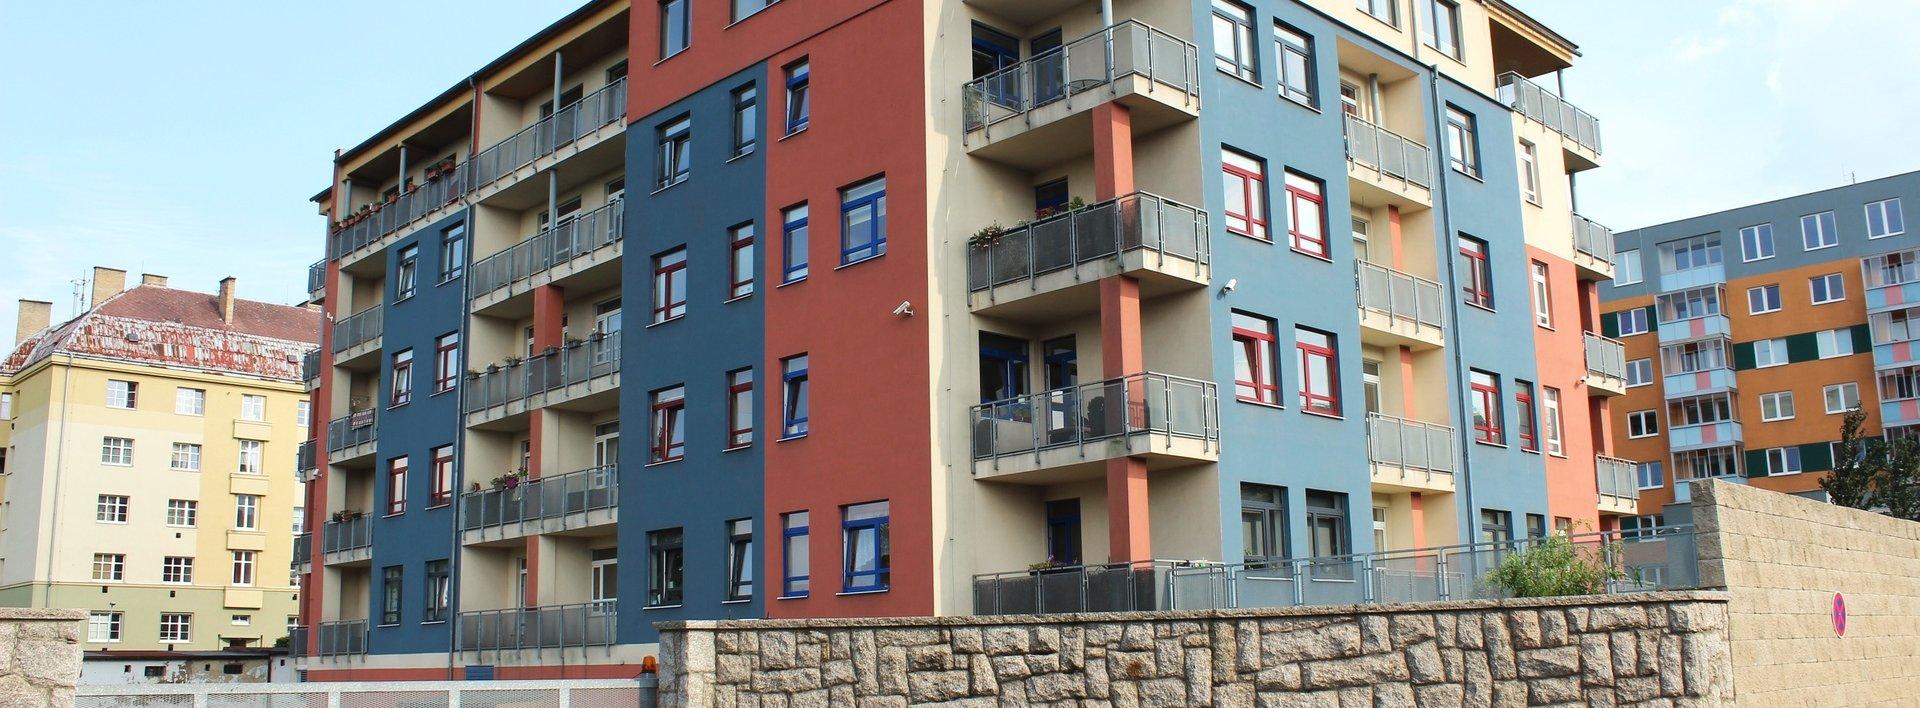 Prodej bytu 2+kk s garáží, 53 m2, ul.Uralská, Liberec, Ev.č.: N48942